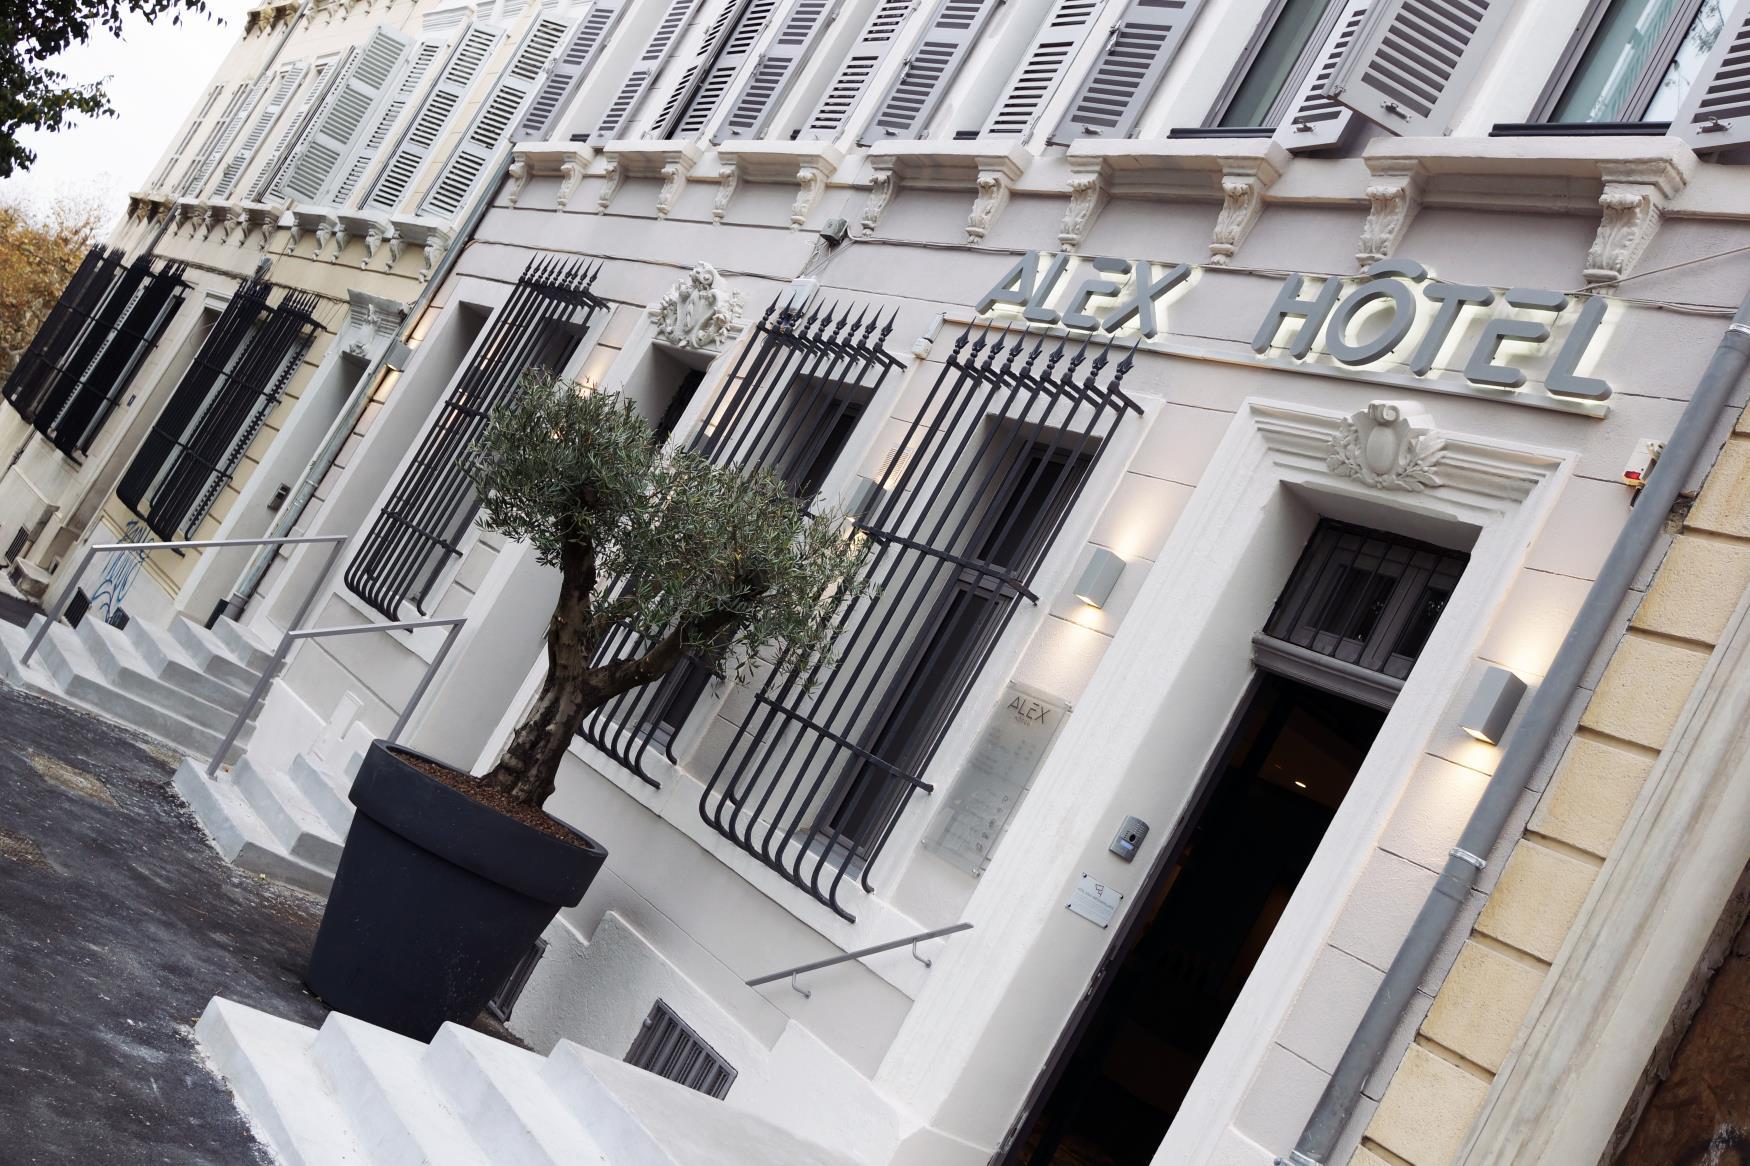 L'inauguration de l'Alex Hôtel Marseille en vidéo